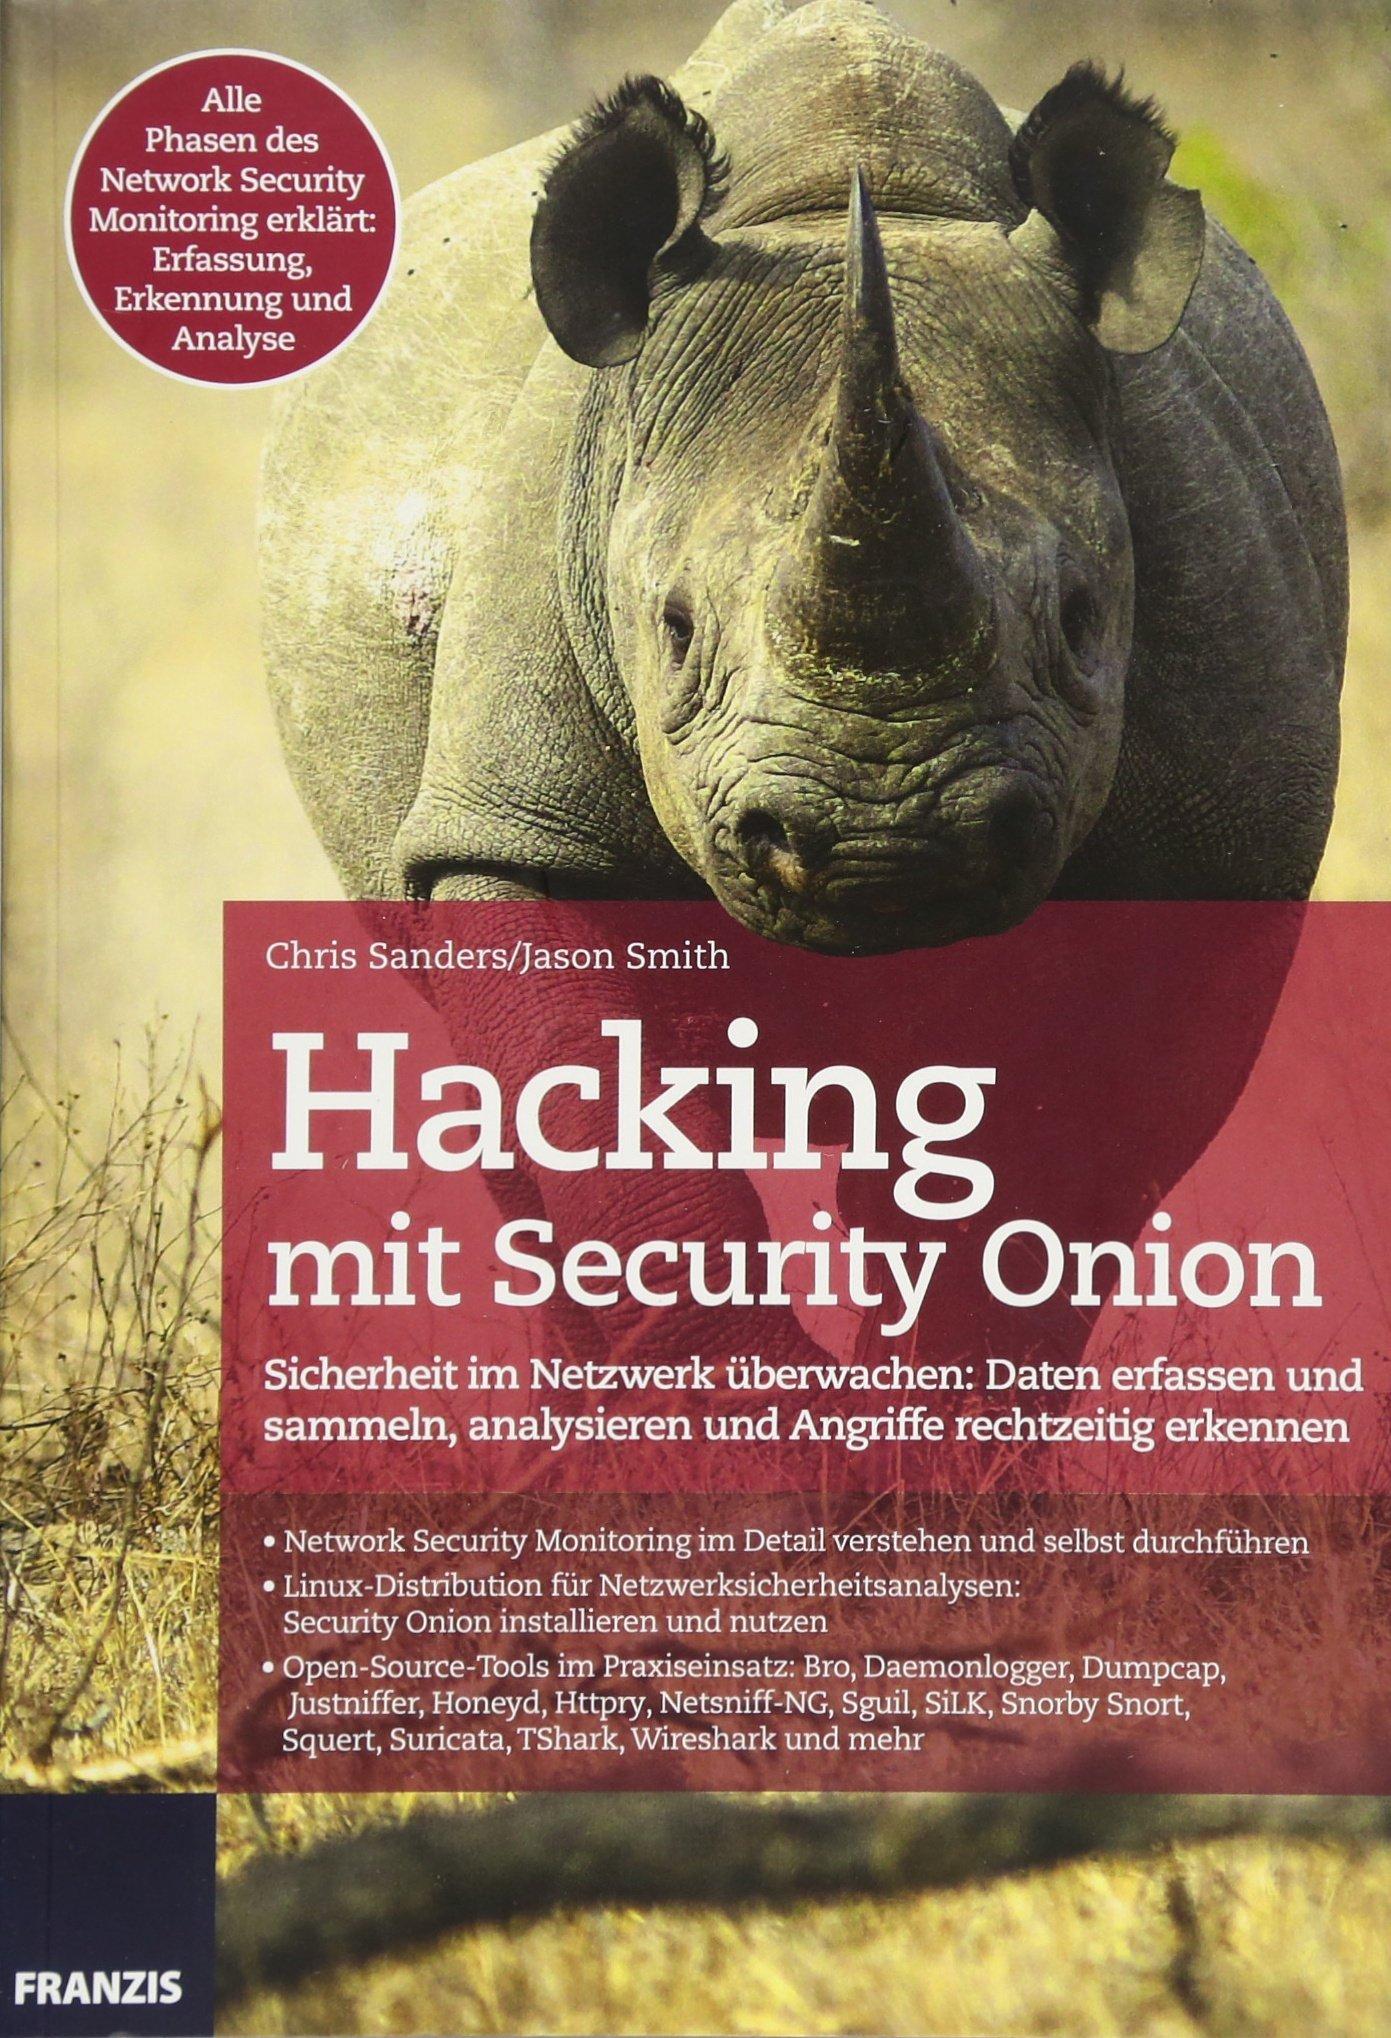 Hacking mit Security Onion: Sicherheit im Netzwerk überwachen: Daten sammeln, analysieren und Angriffe rechtzeitig erkennen Taschenbuch – 29. August 2016 Chris Sanders Jason Smith FRANZIS Verlag GmbH 3645604960